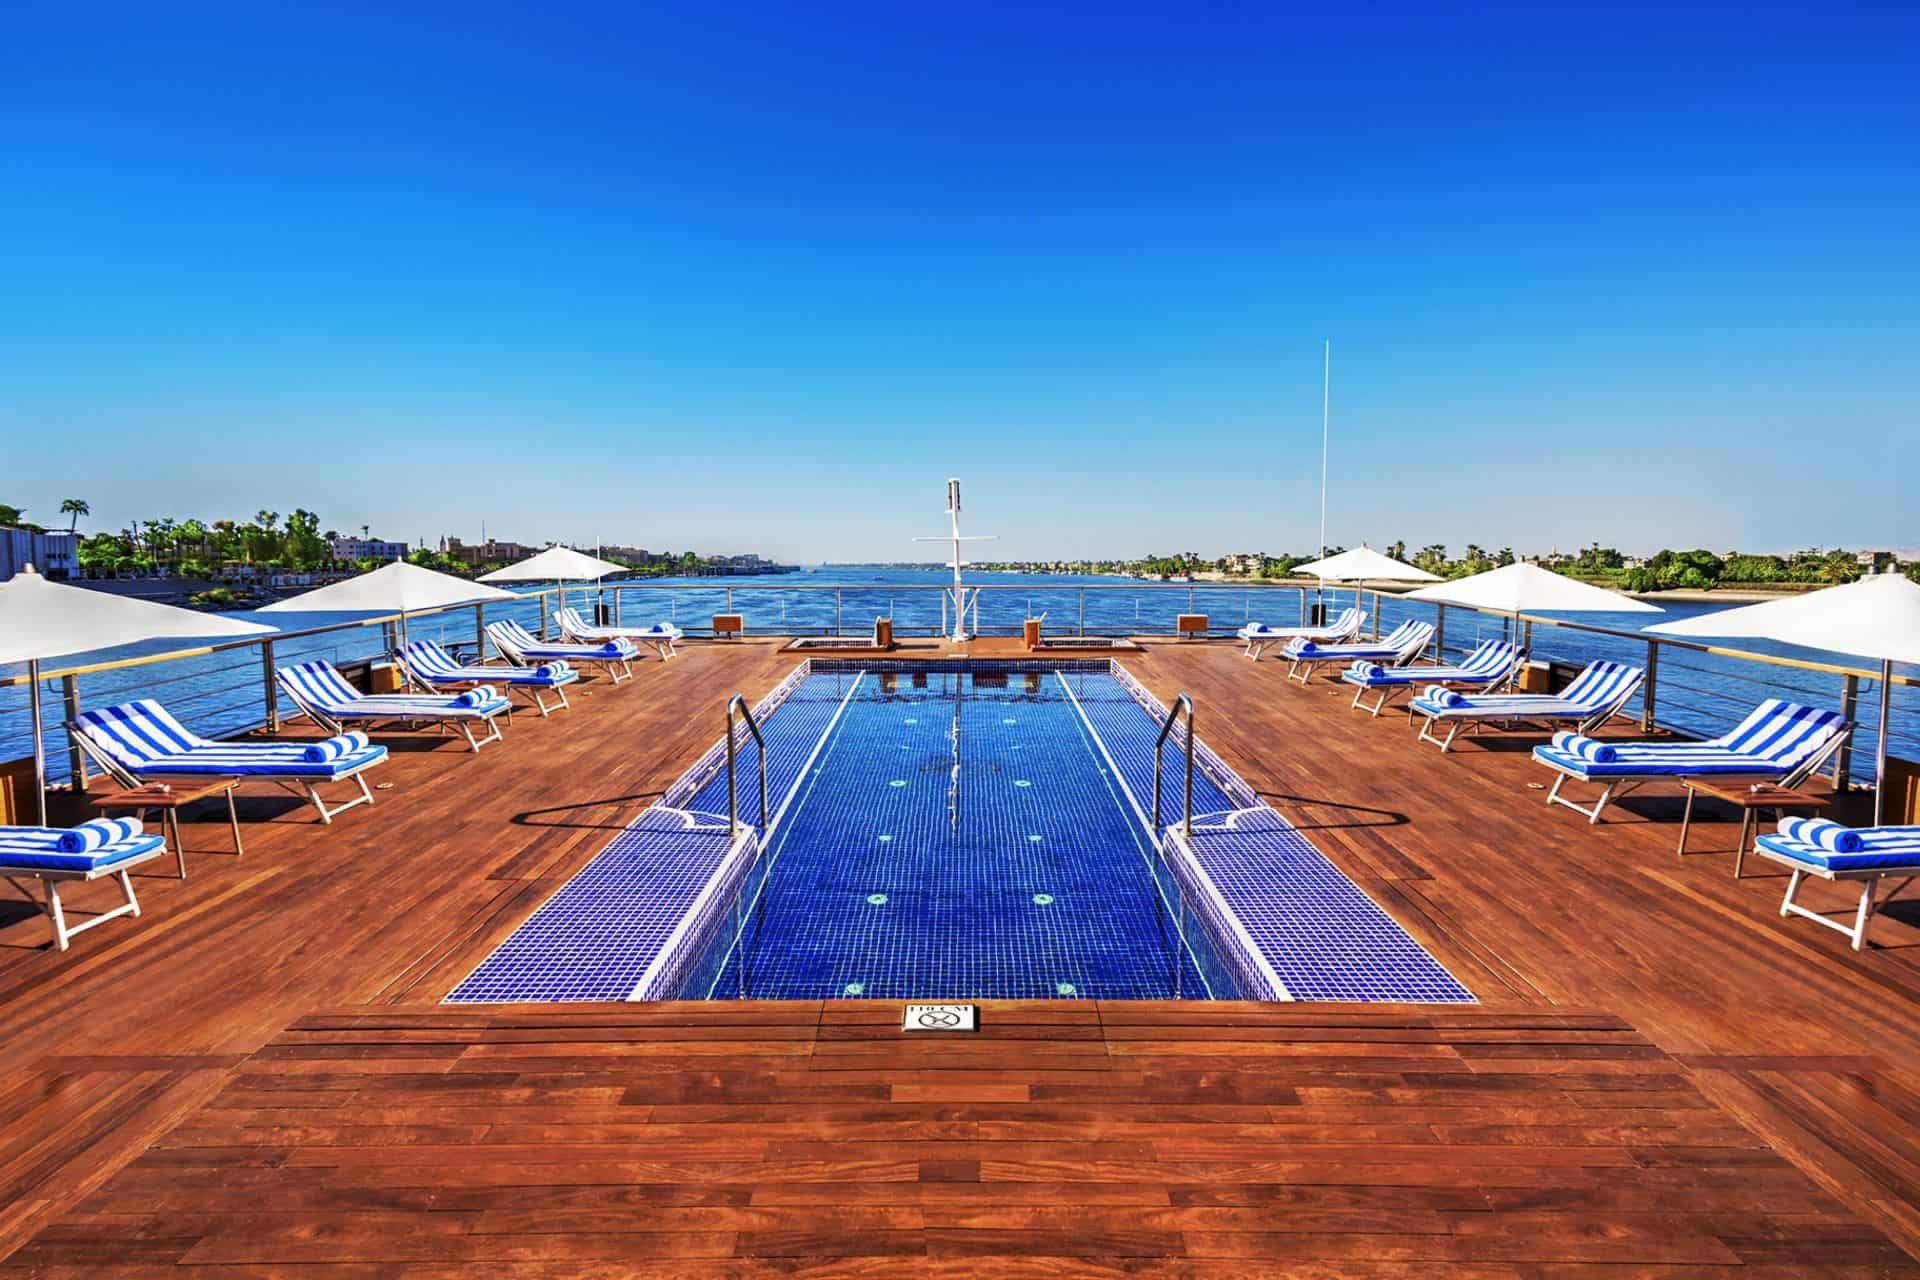 The Oberoi Zahra Nile Cruise Pool